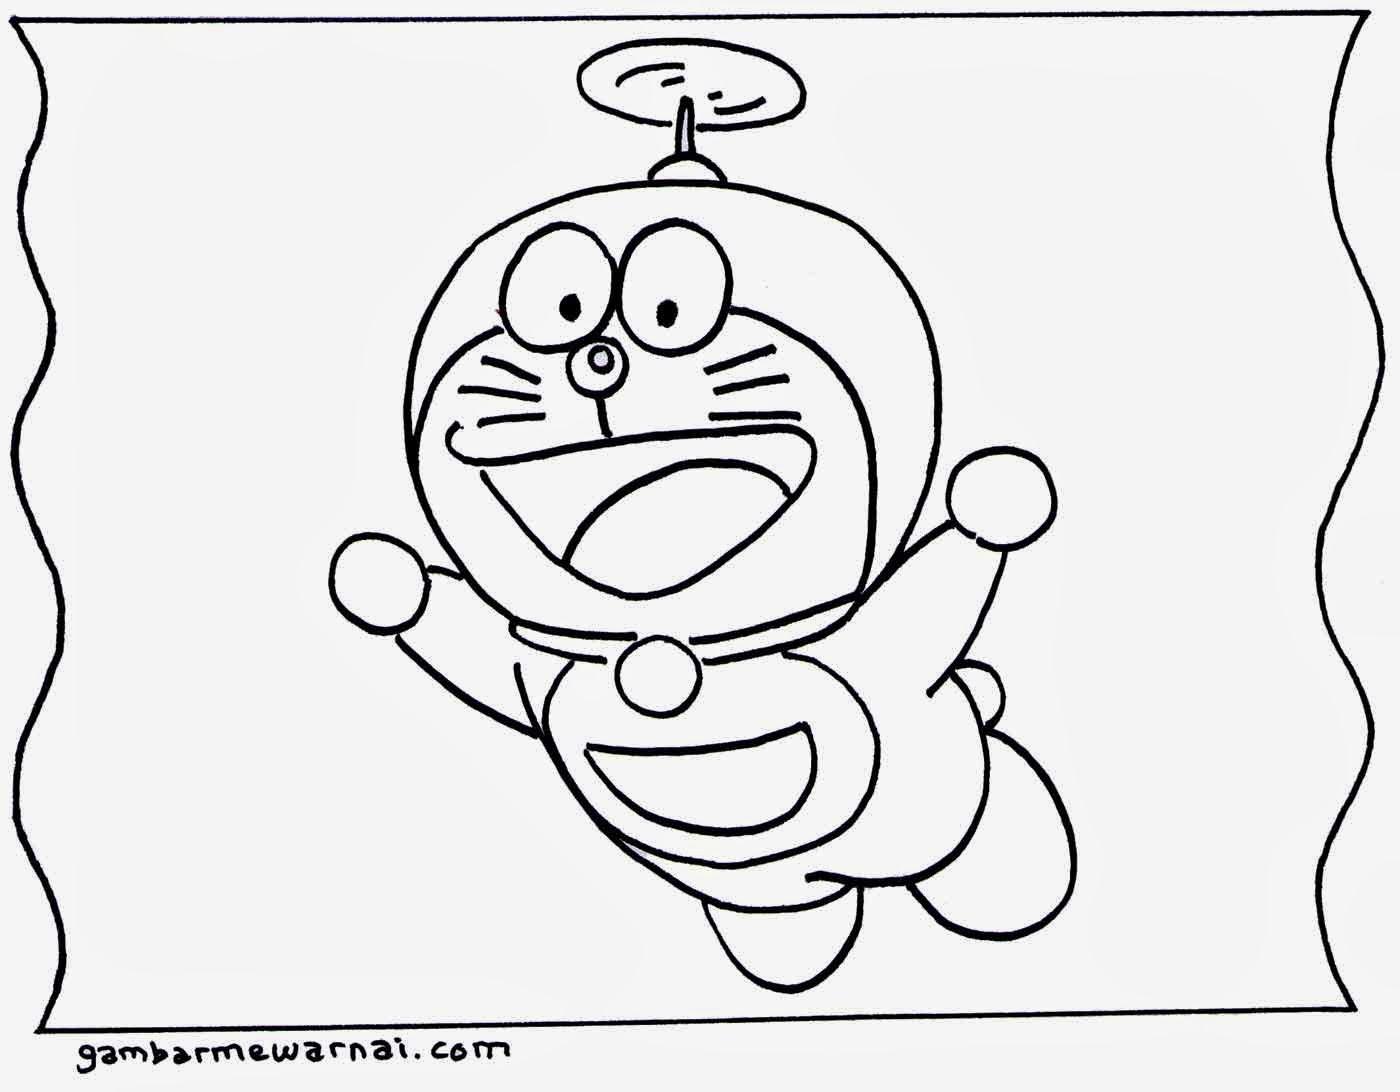 Klik Gambar Untuk Memperbesar Gambar Mewarnai Tokoh Kartun Untuk Anak Anak lain